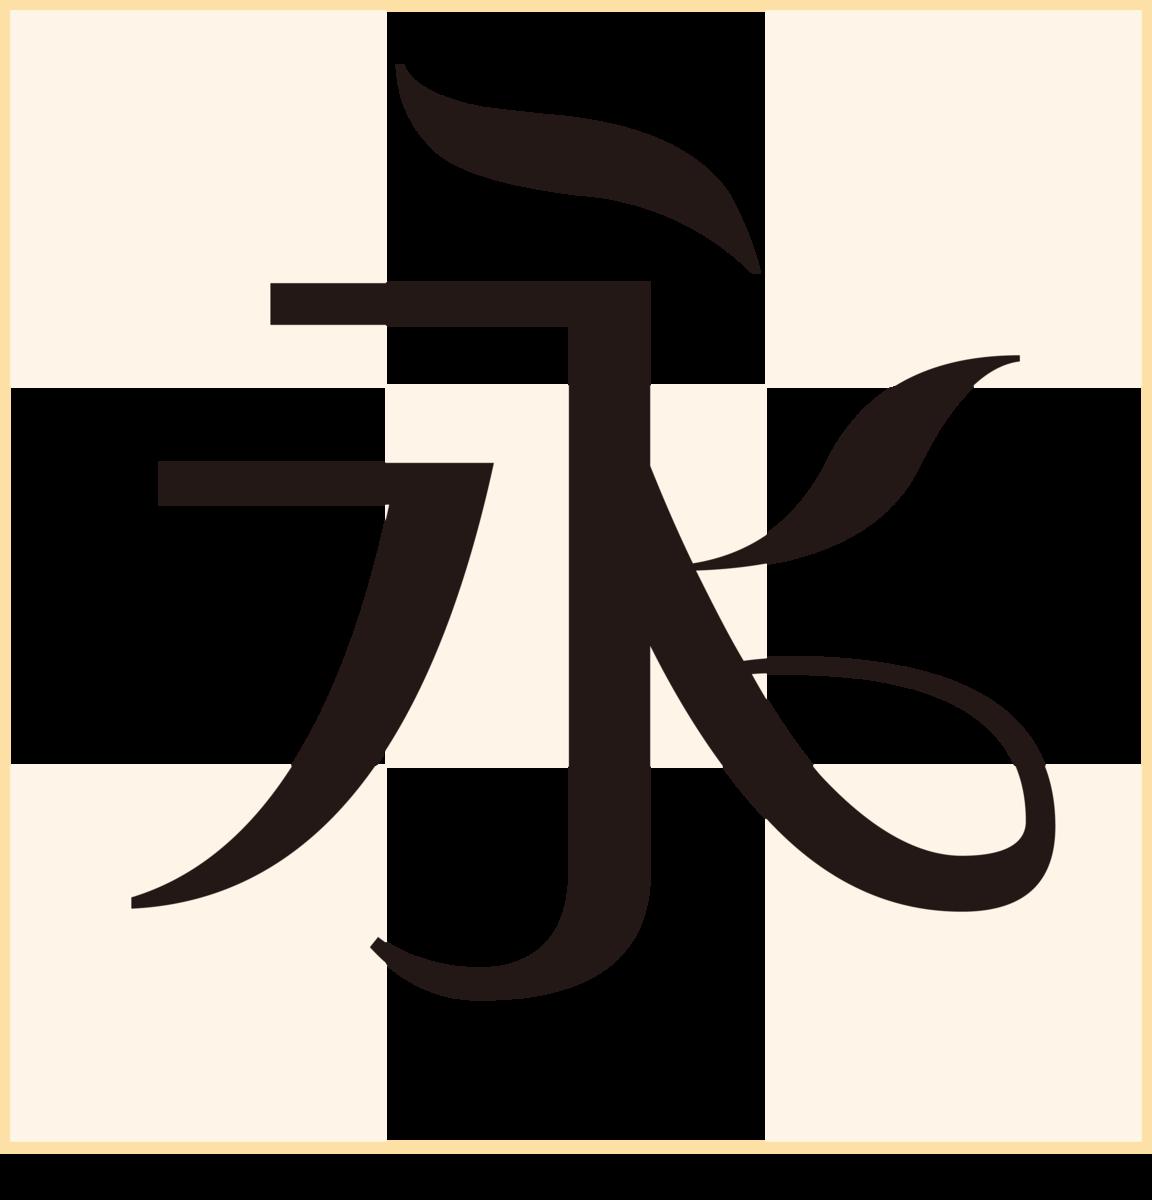 f:id:mojiru:20190528154744p:plain